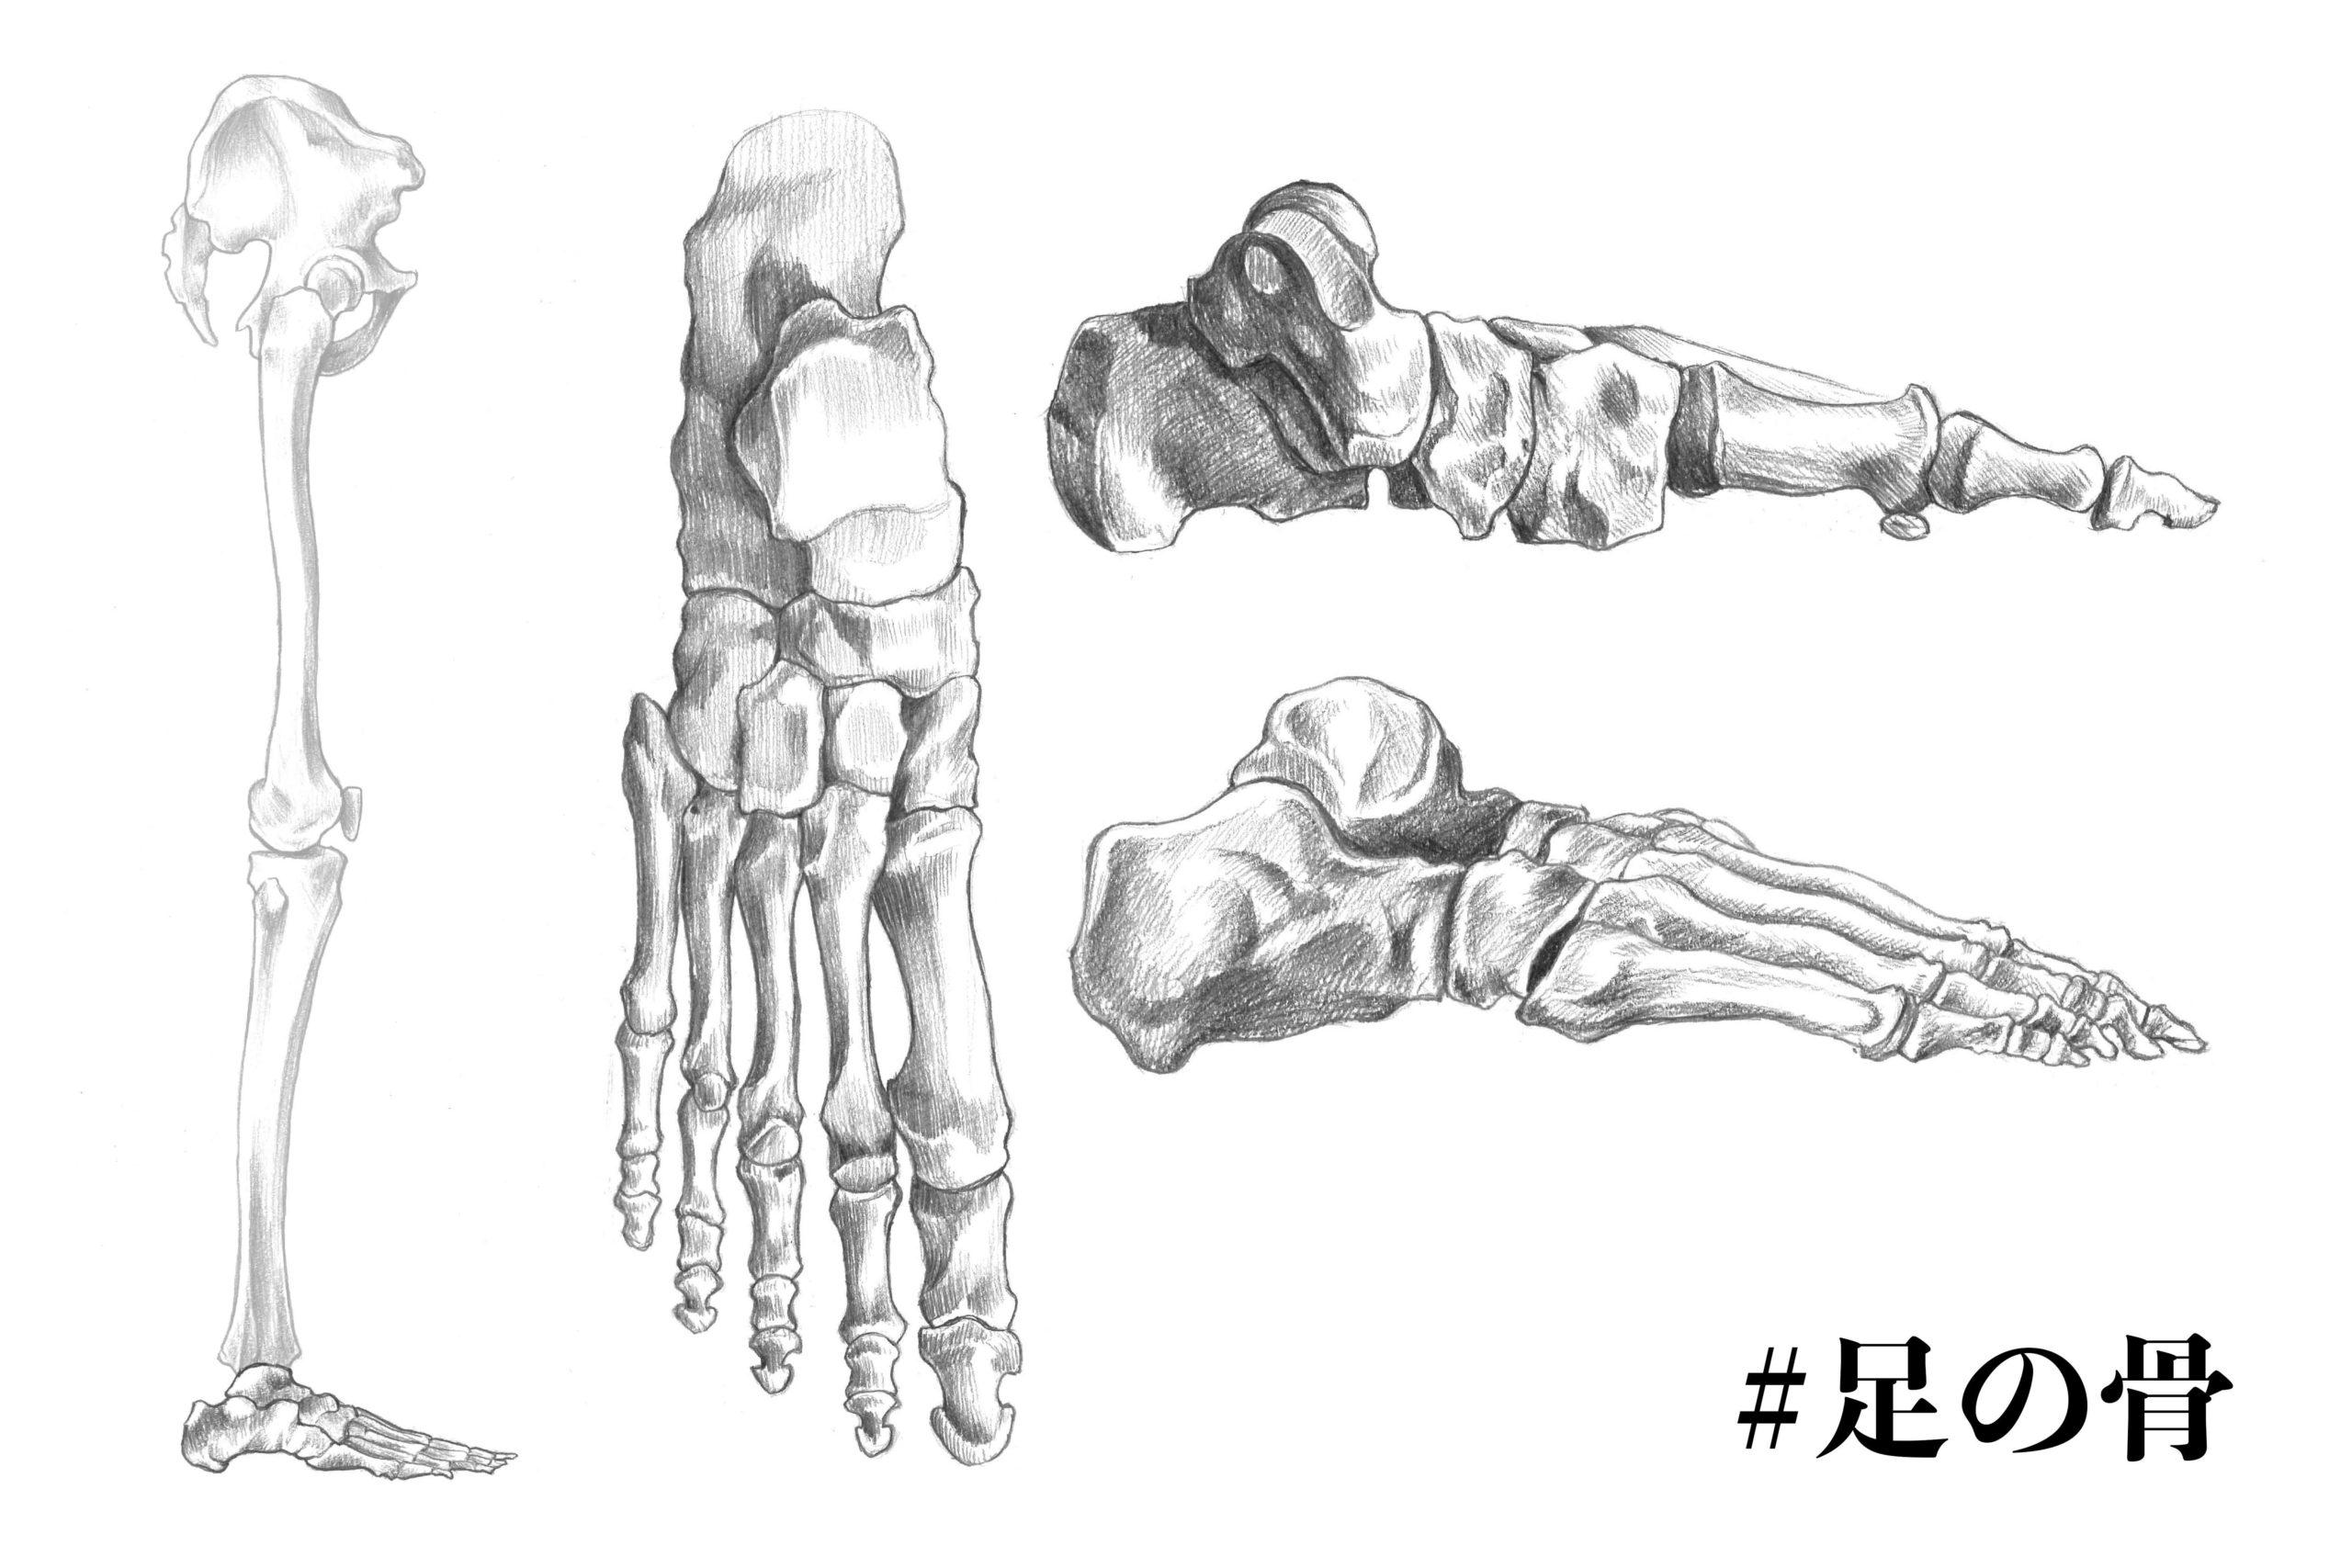 足の骨についてのスケッチ